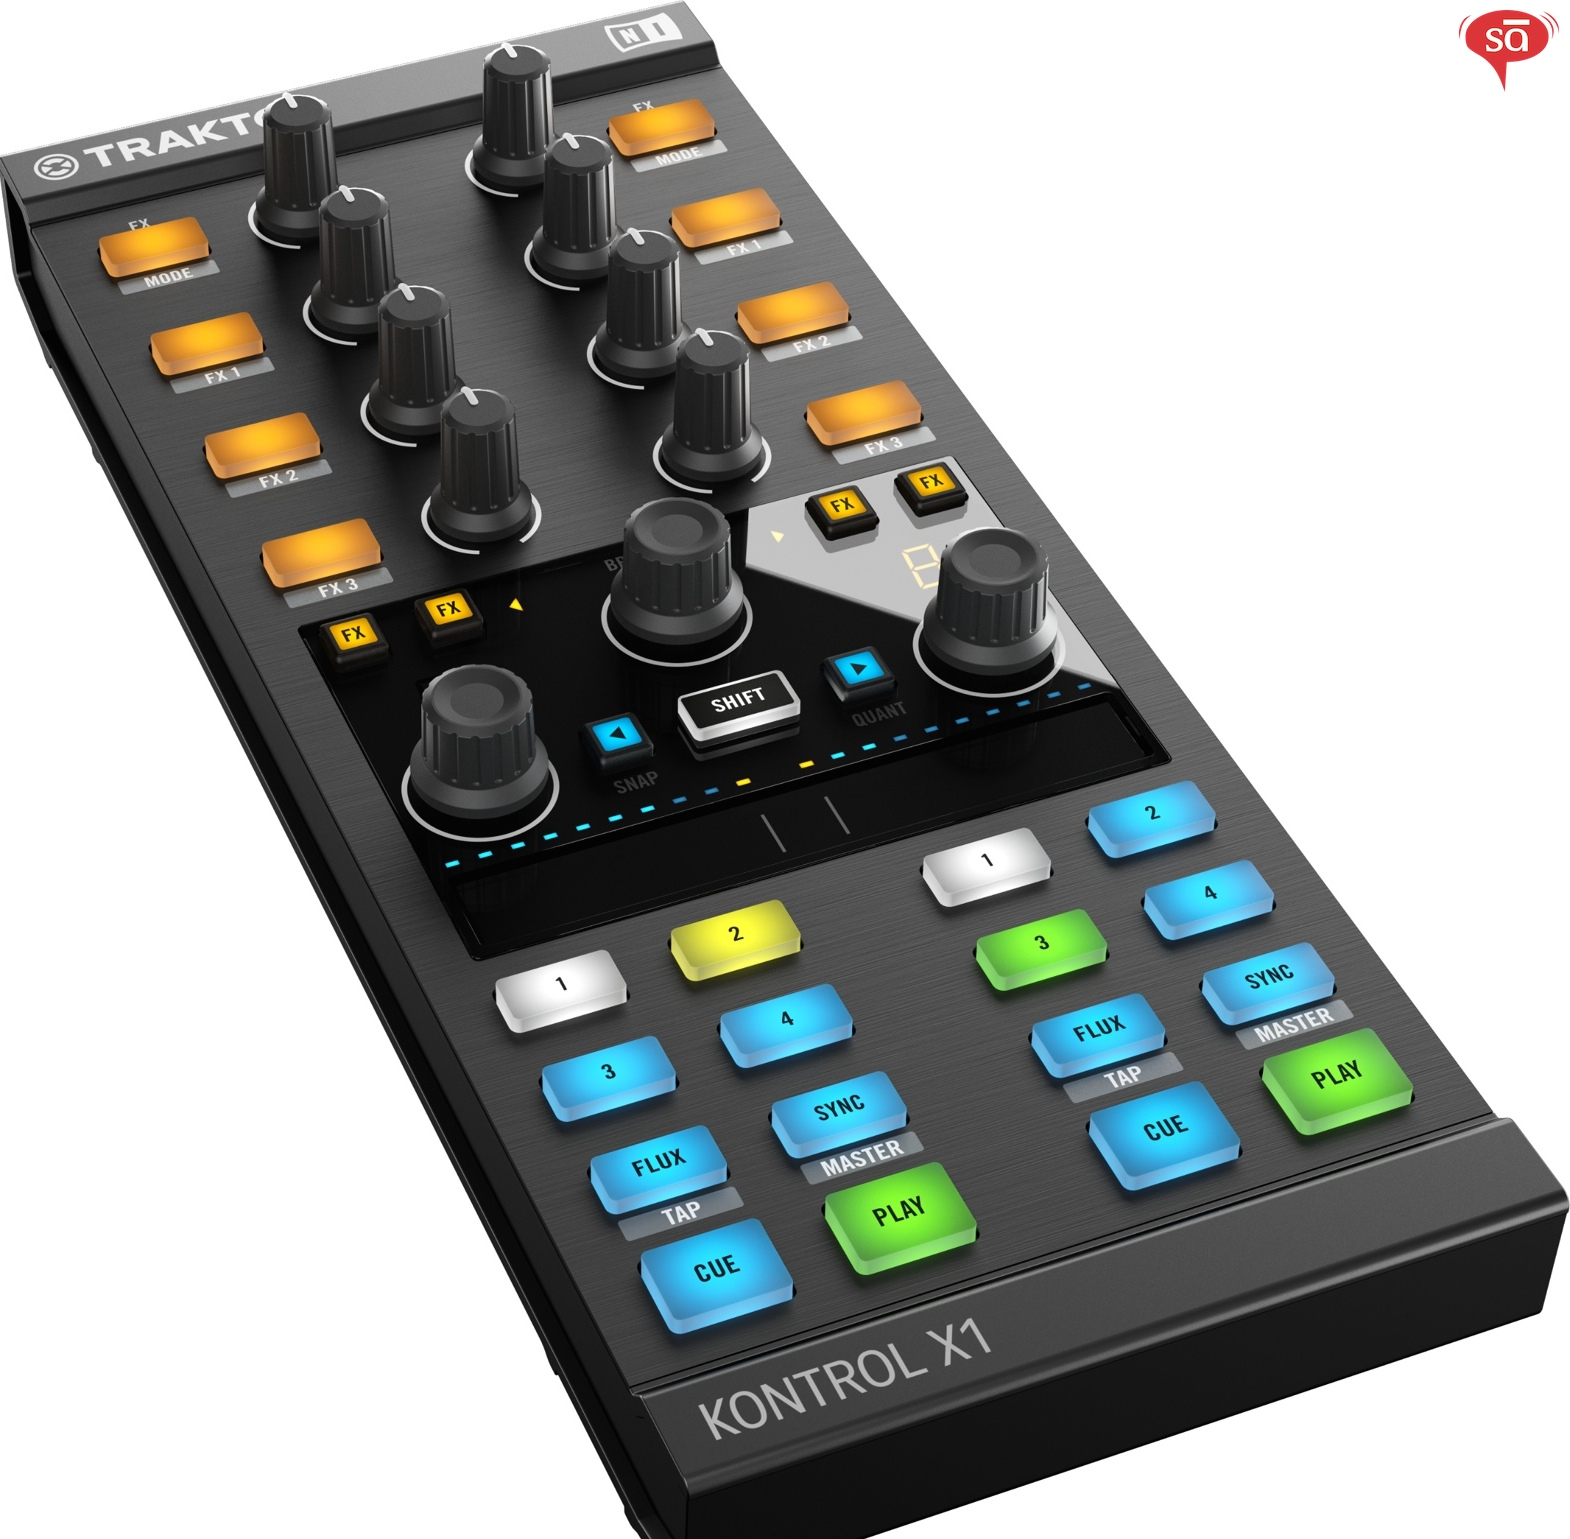 Native Instruments Traktor Kontrol X1 mk2 DJ Mixers   Sudeepaudio com